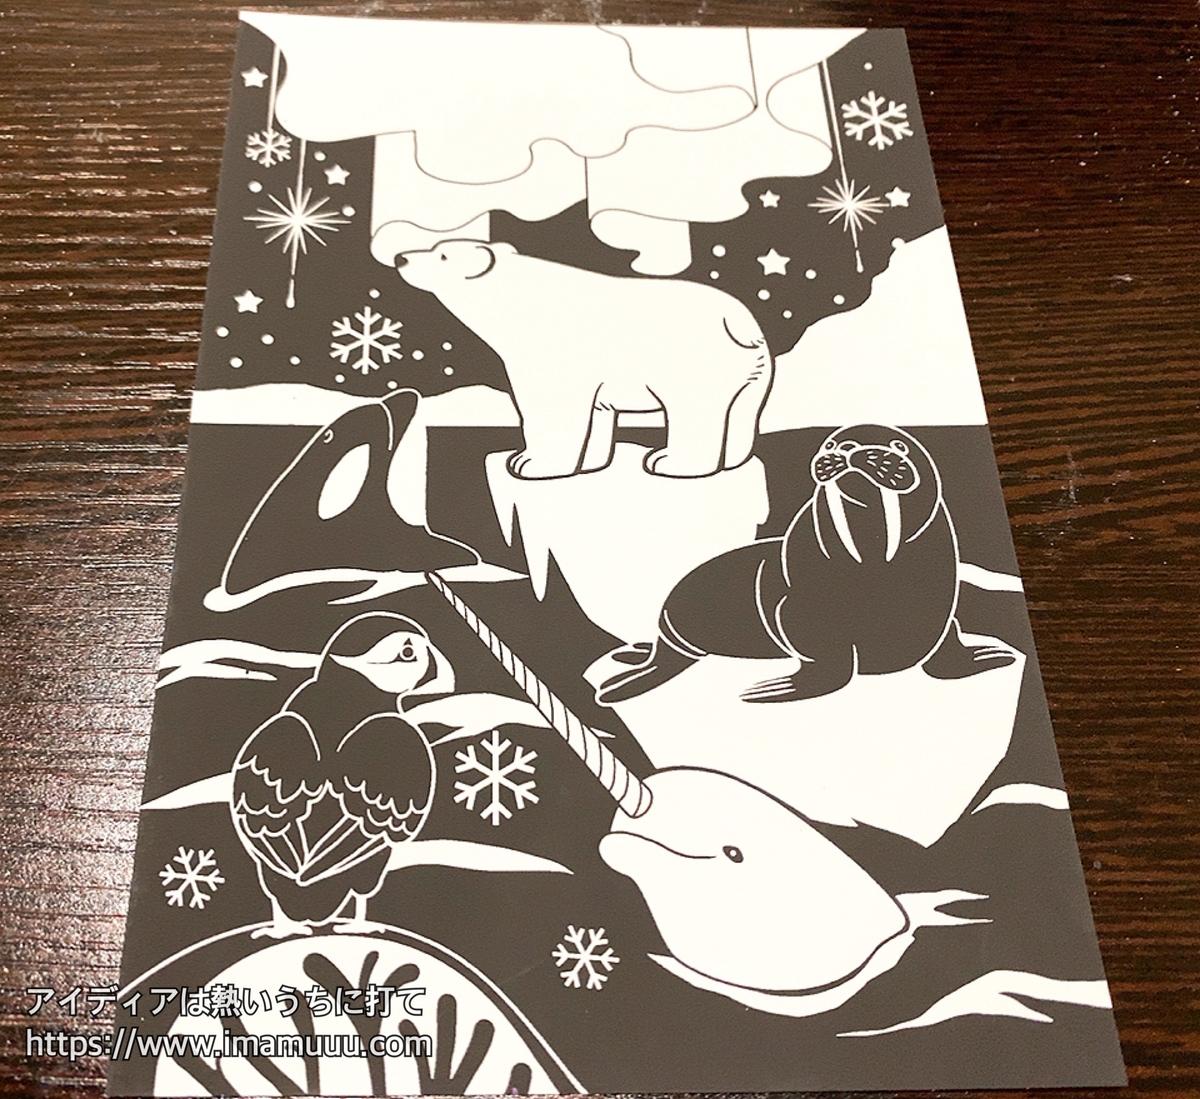 シロクマとオーロラがメインのスクラッチアート